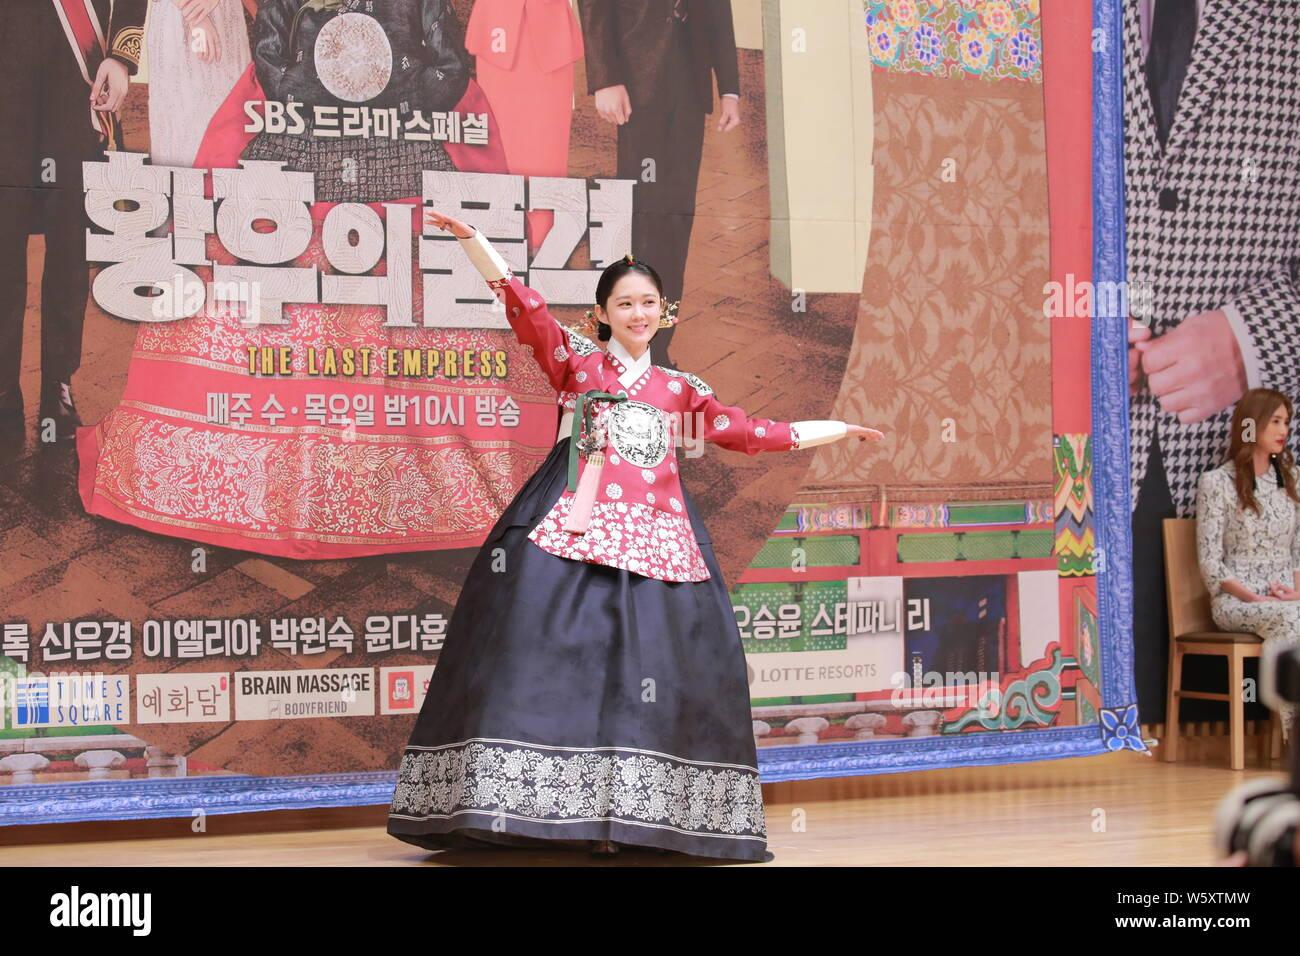 Lee Na Jang Stock Photos & Lee Na Jang Stock Images - Alamy